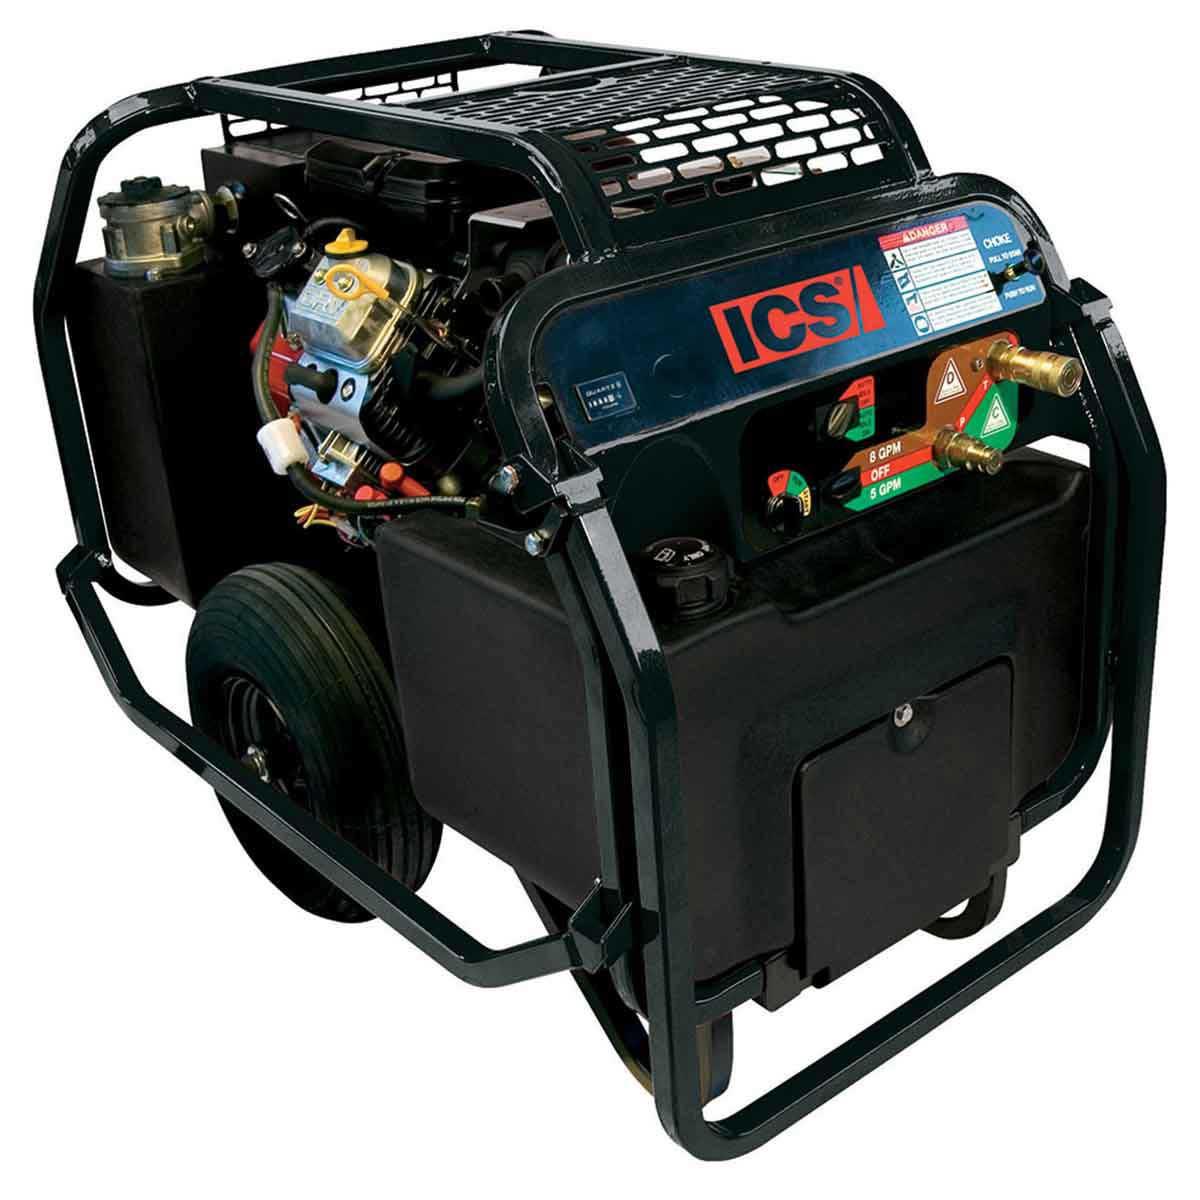 ICS Multiflow Hydraulic Powerpack